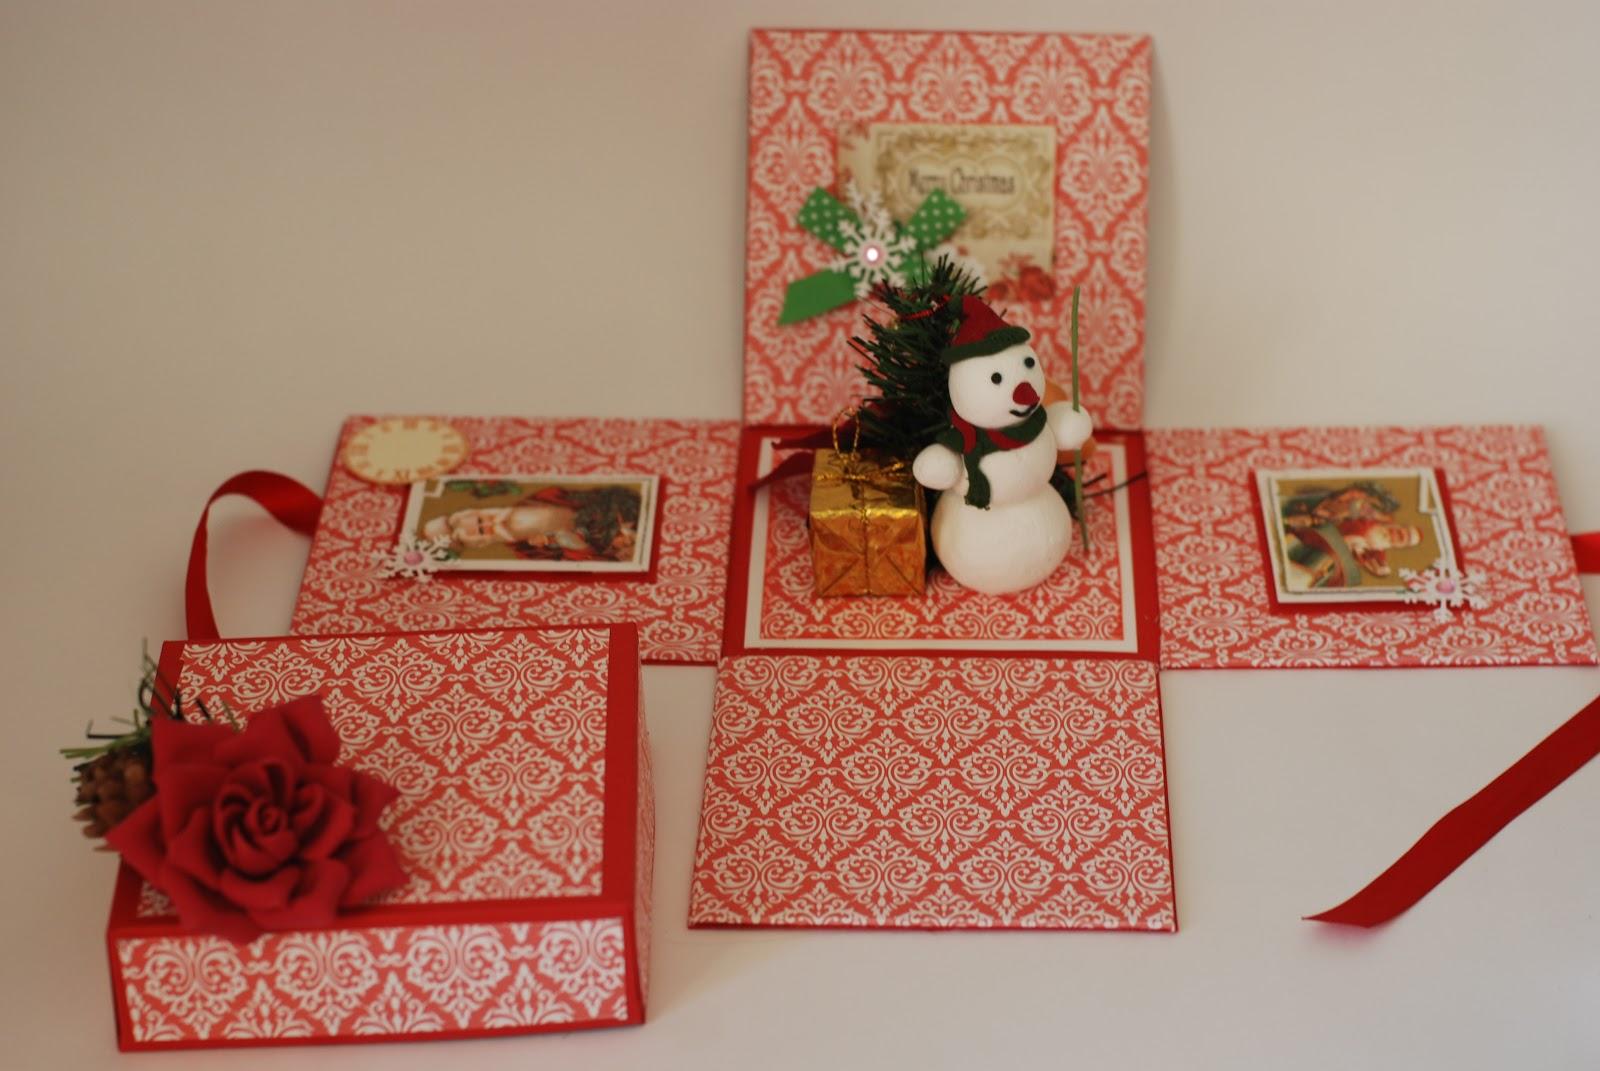 Красивые коробочки для подарков своими руками: идеи, формы, шаблоны 6